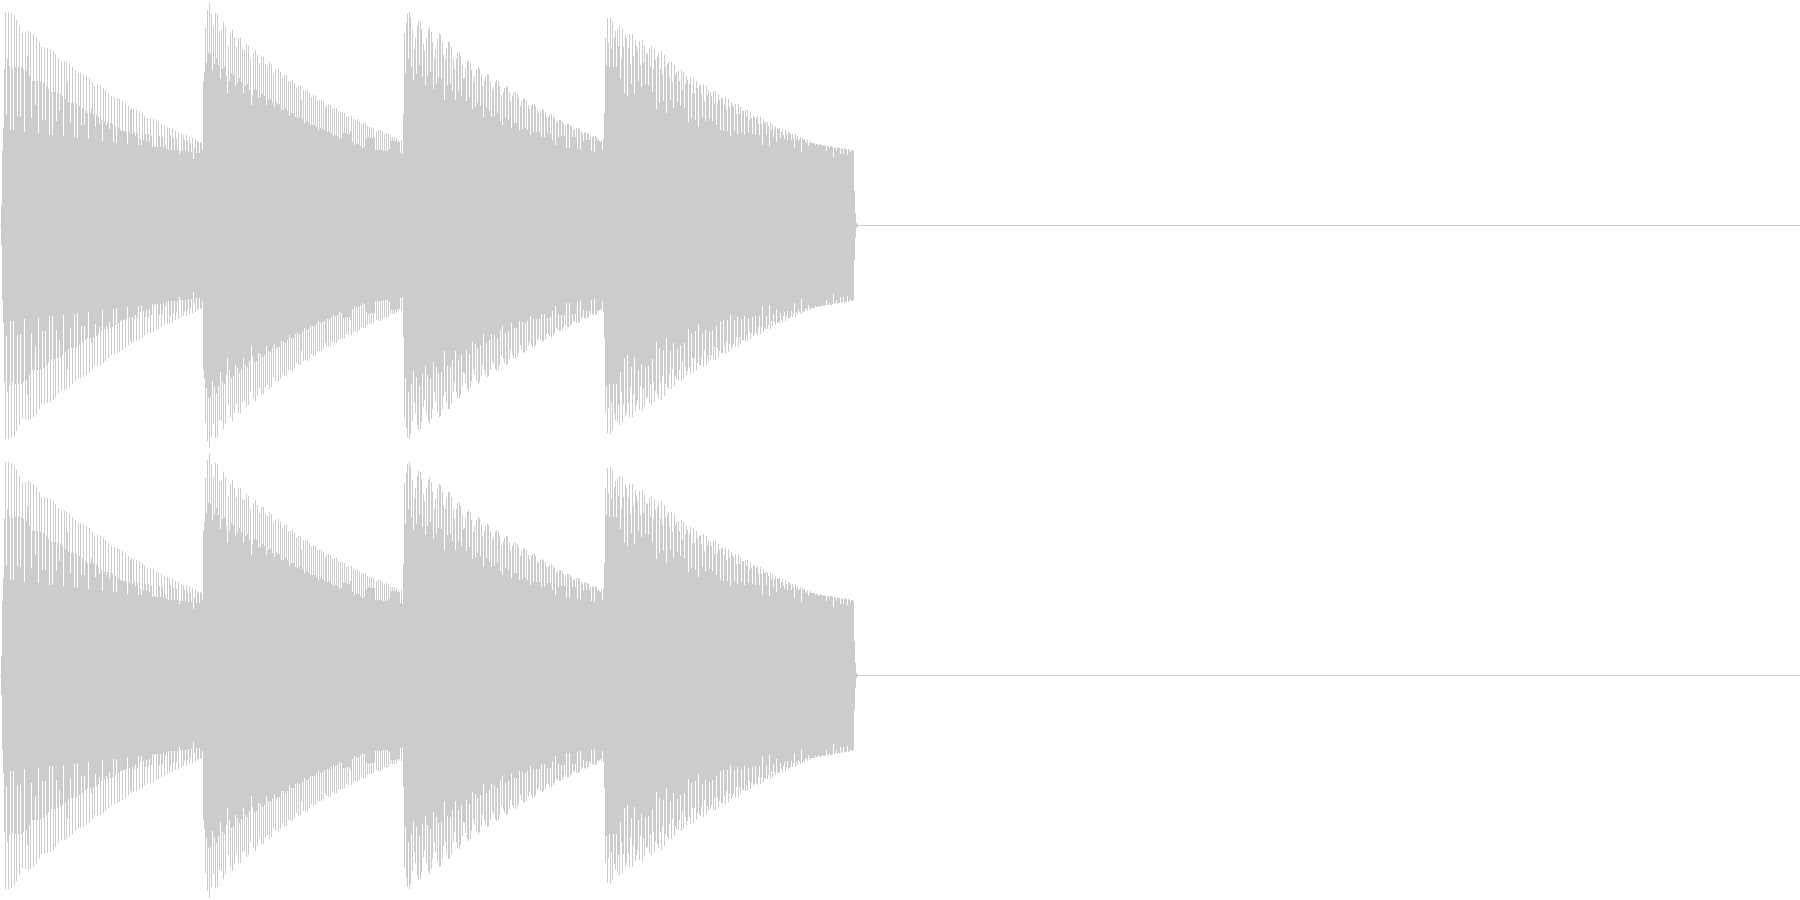 「ピコピコ」ヒント・補足表示等にの未再生の波形